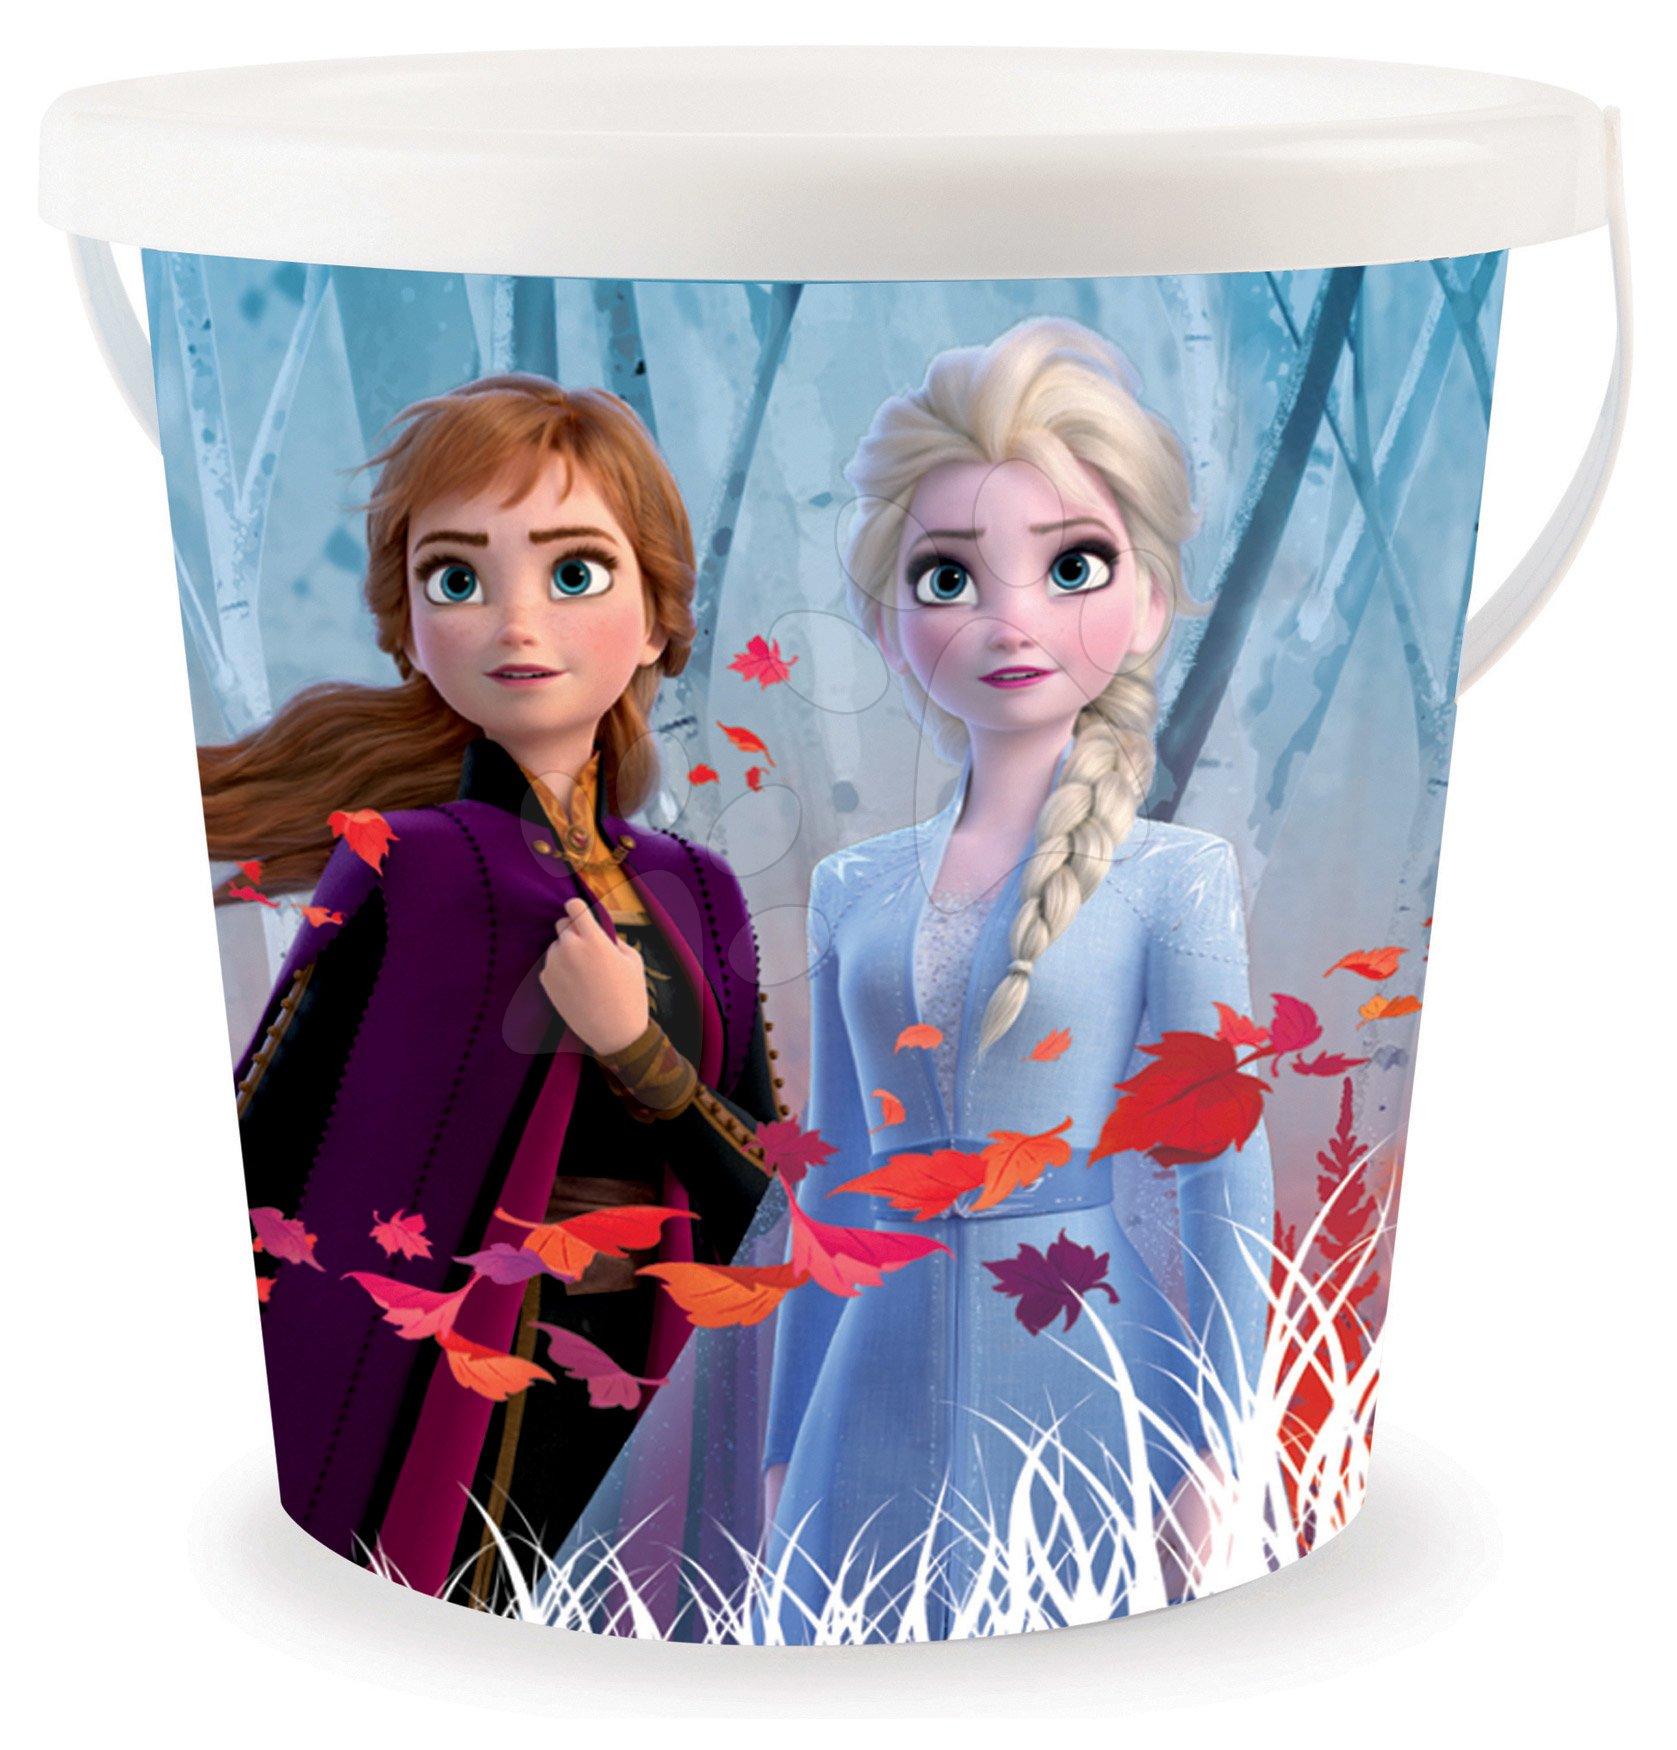 Smoby vedro pre deti Frozen s trblietkami 861015